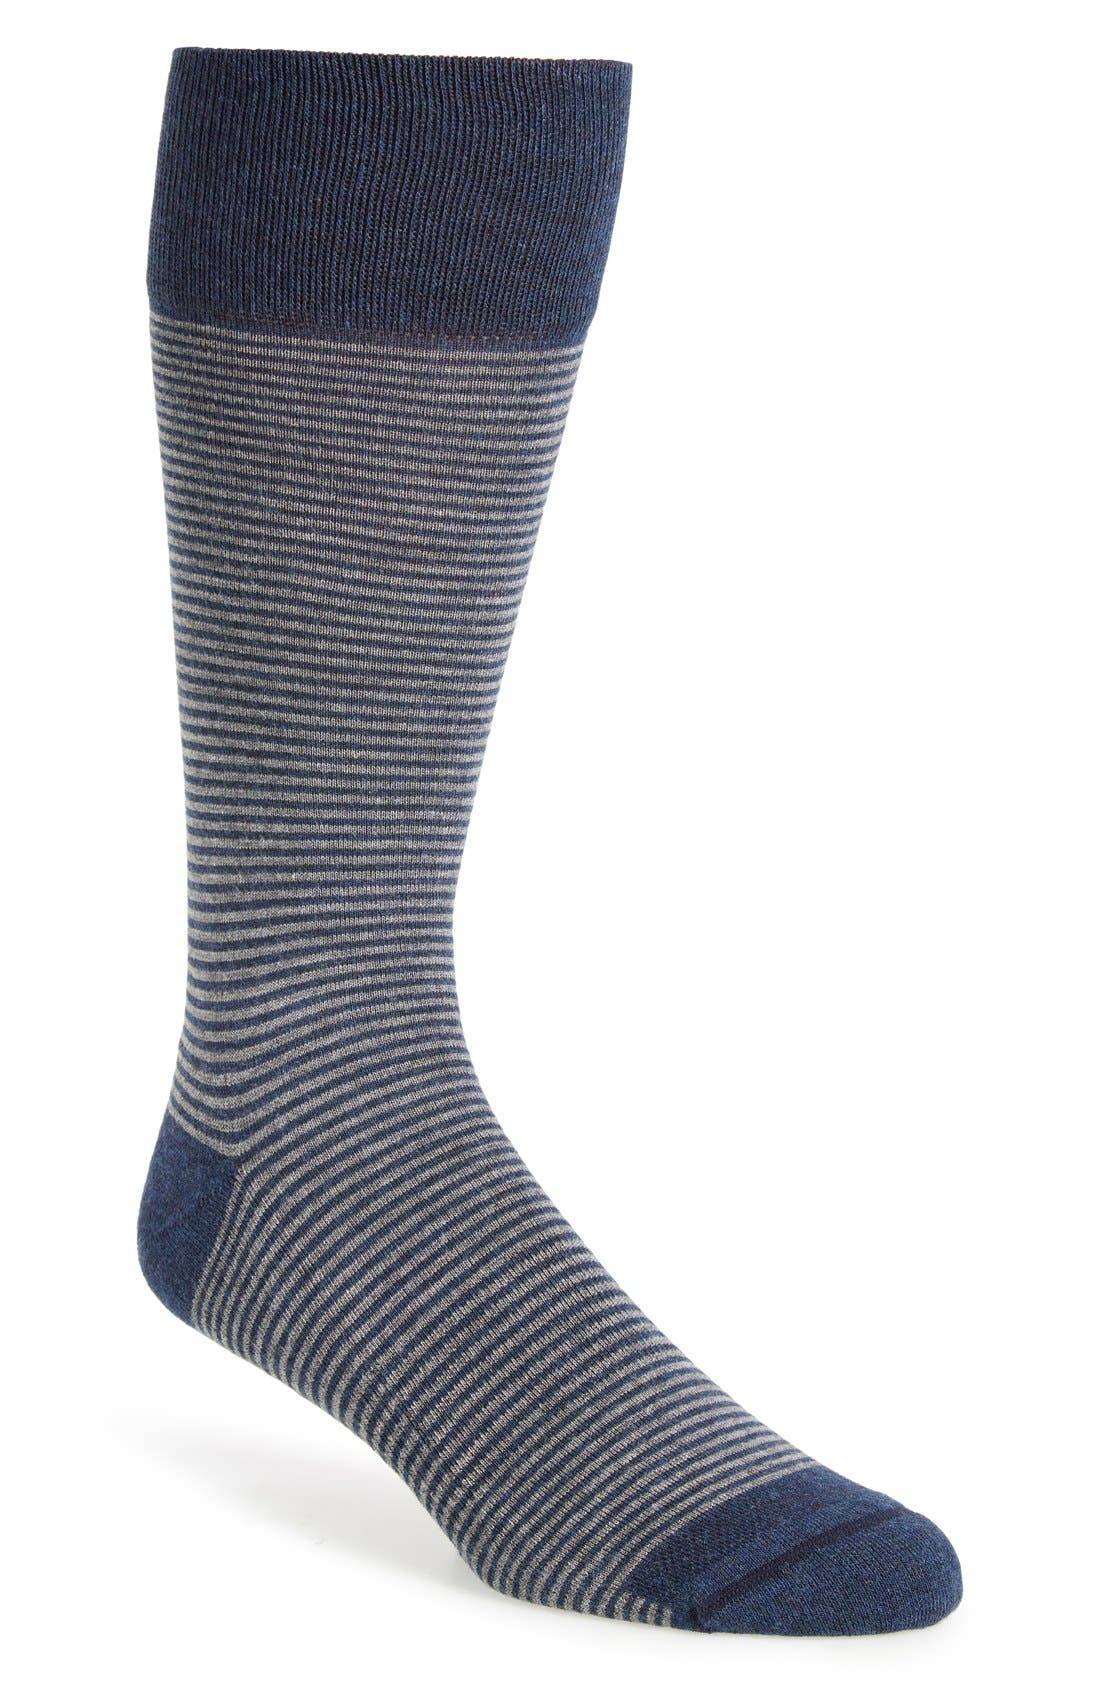 Alternate Image 1 Selected - Nordstrom Men's Shop Feeder Stripe Socks (3 for $30)